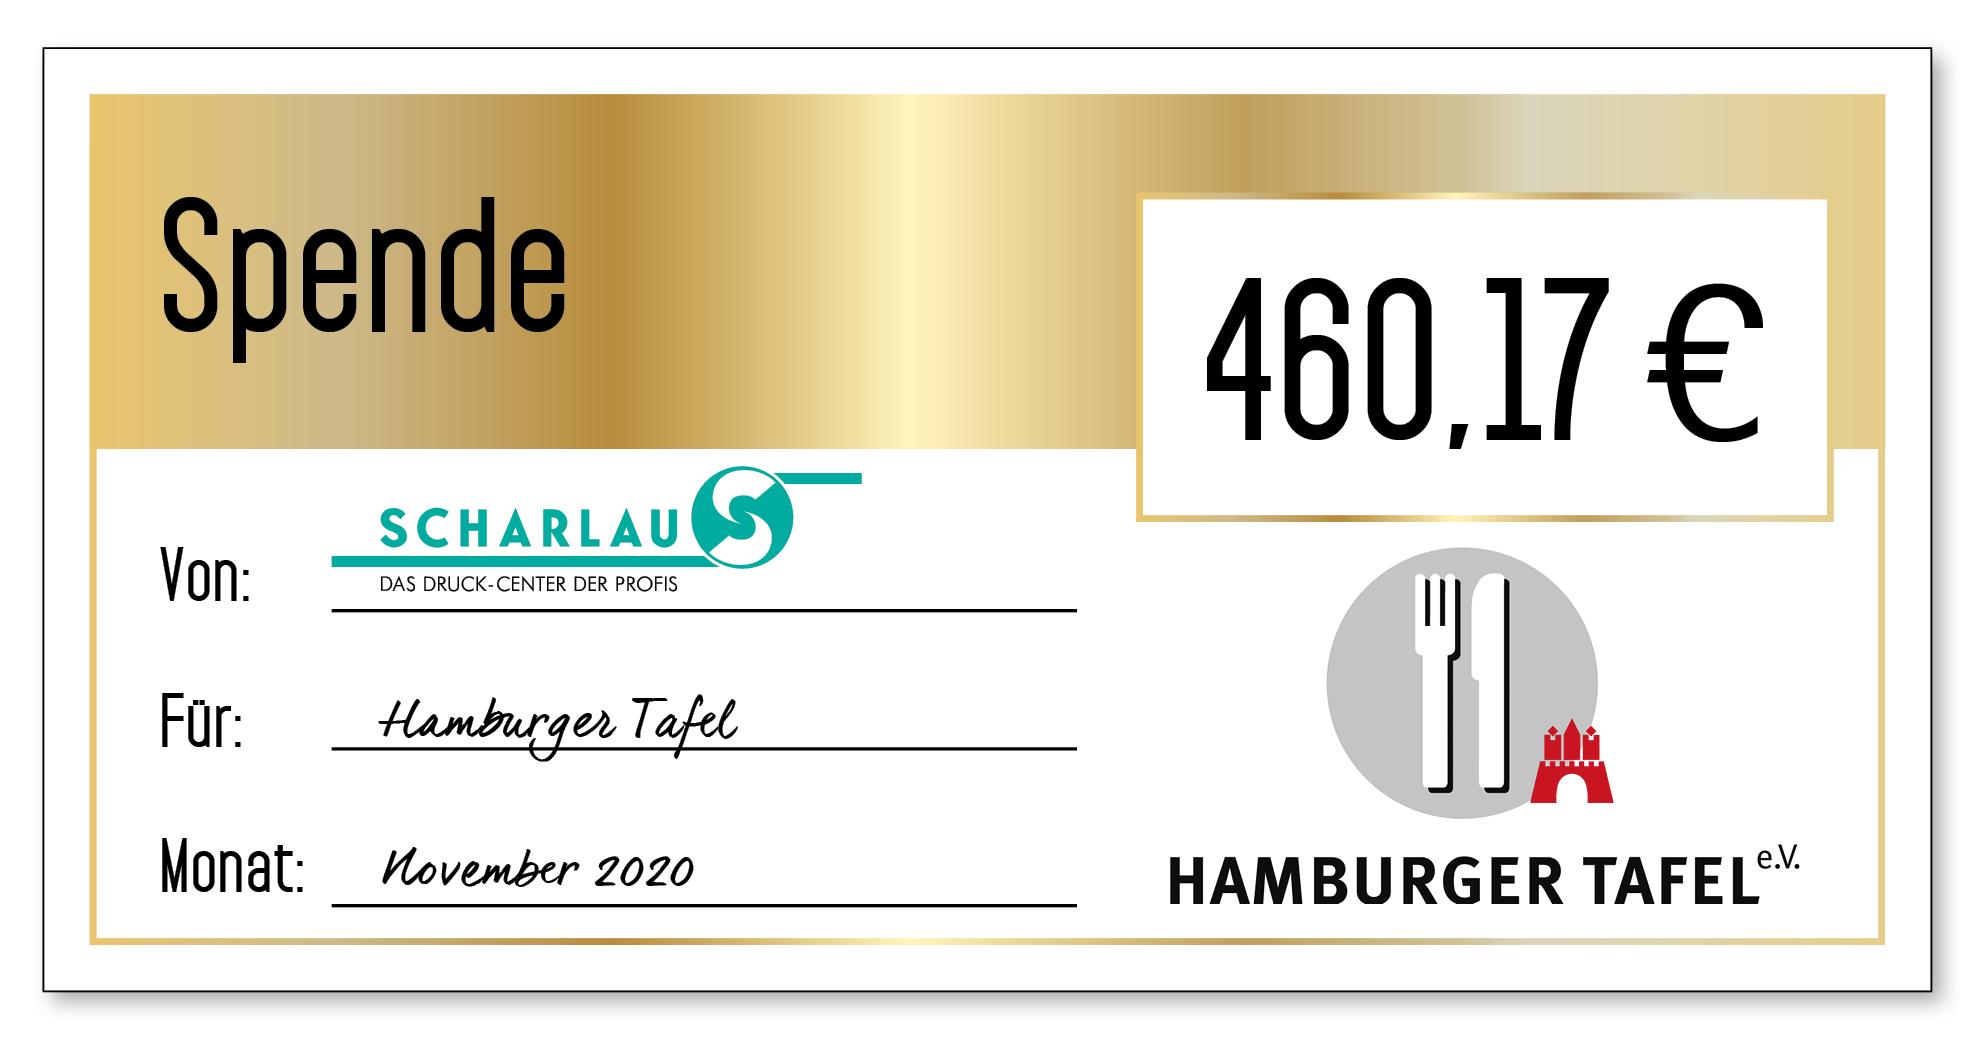 Spendenscheck an die Hamburger Tafel im November 2020